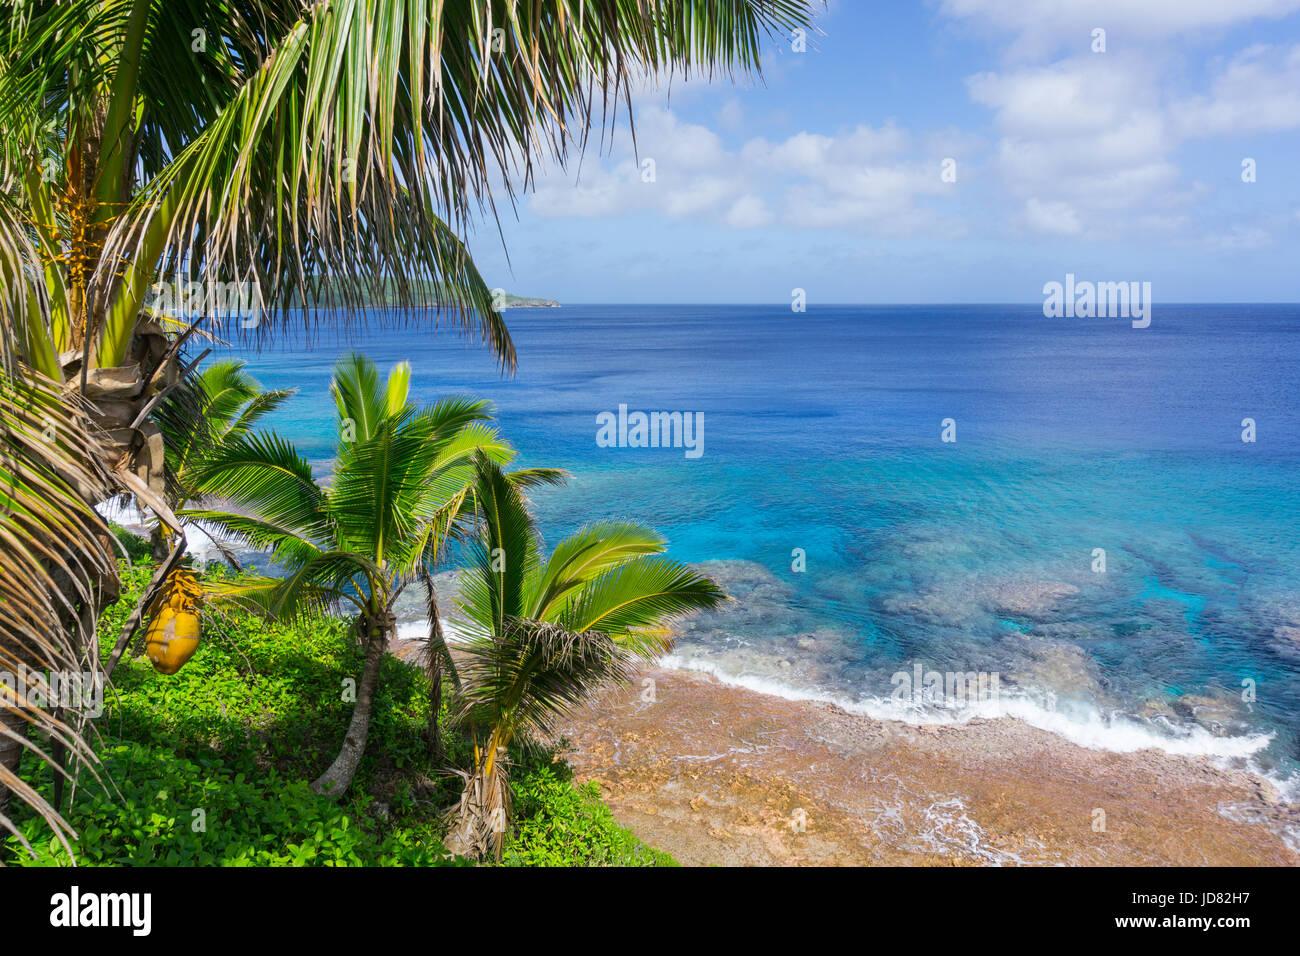 Scène tropicale de coraux dans l'eau turquoise ci-dessous palmiers et cocotiers se balançant dans breeze sur ocean horizon lointain. Banque D'Images